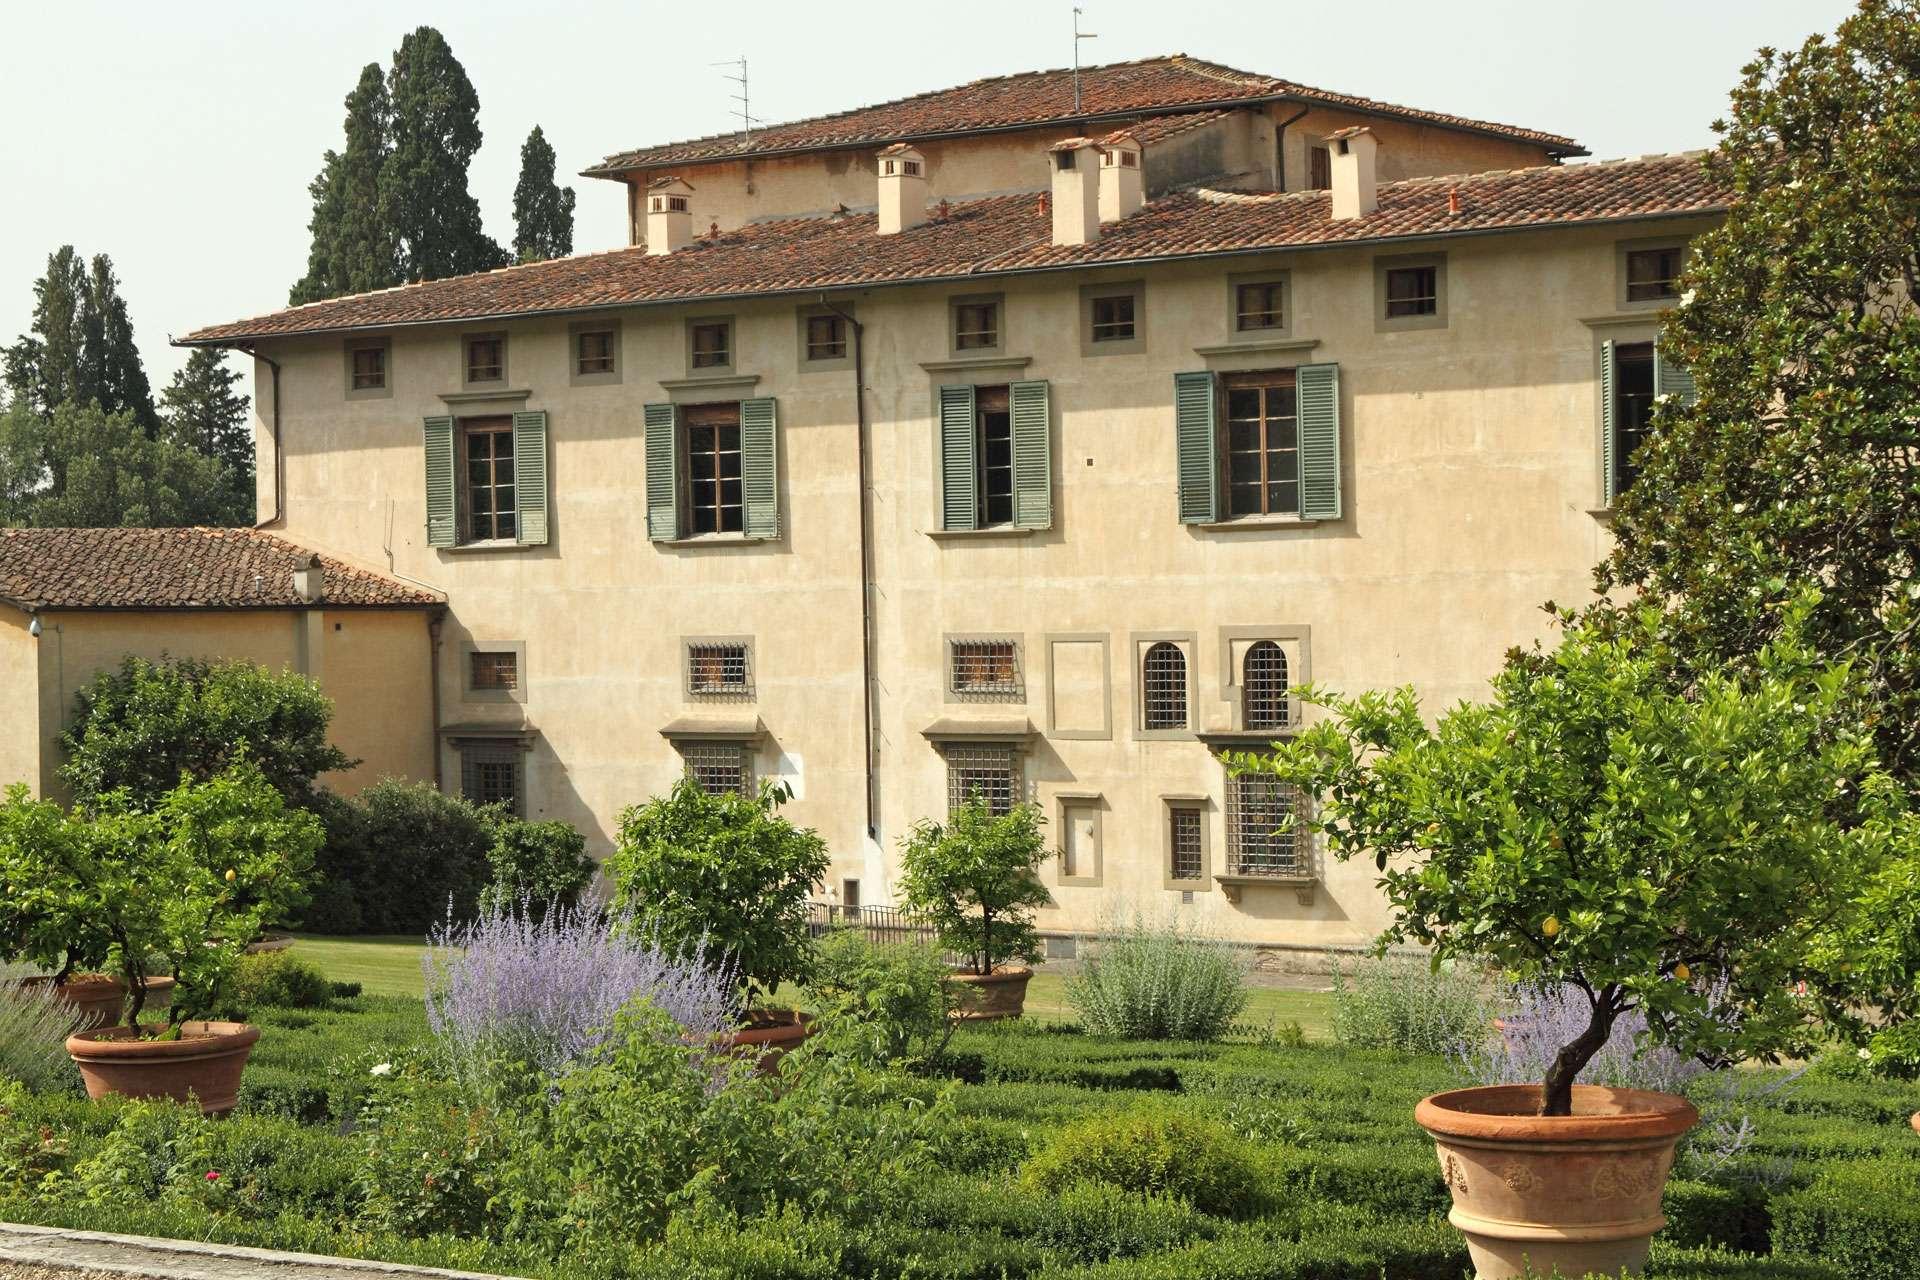 Visiting the Medici Villas